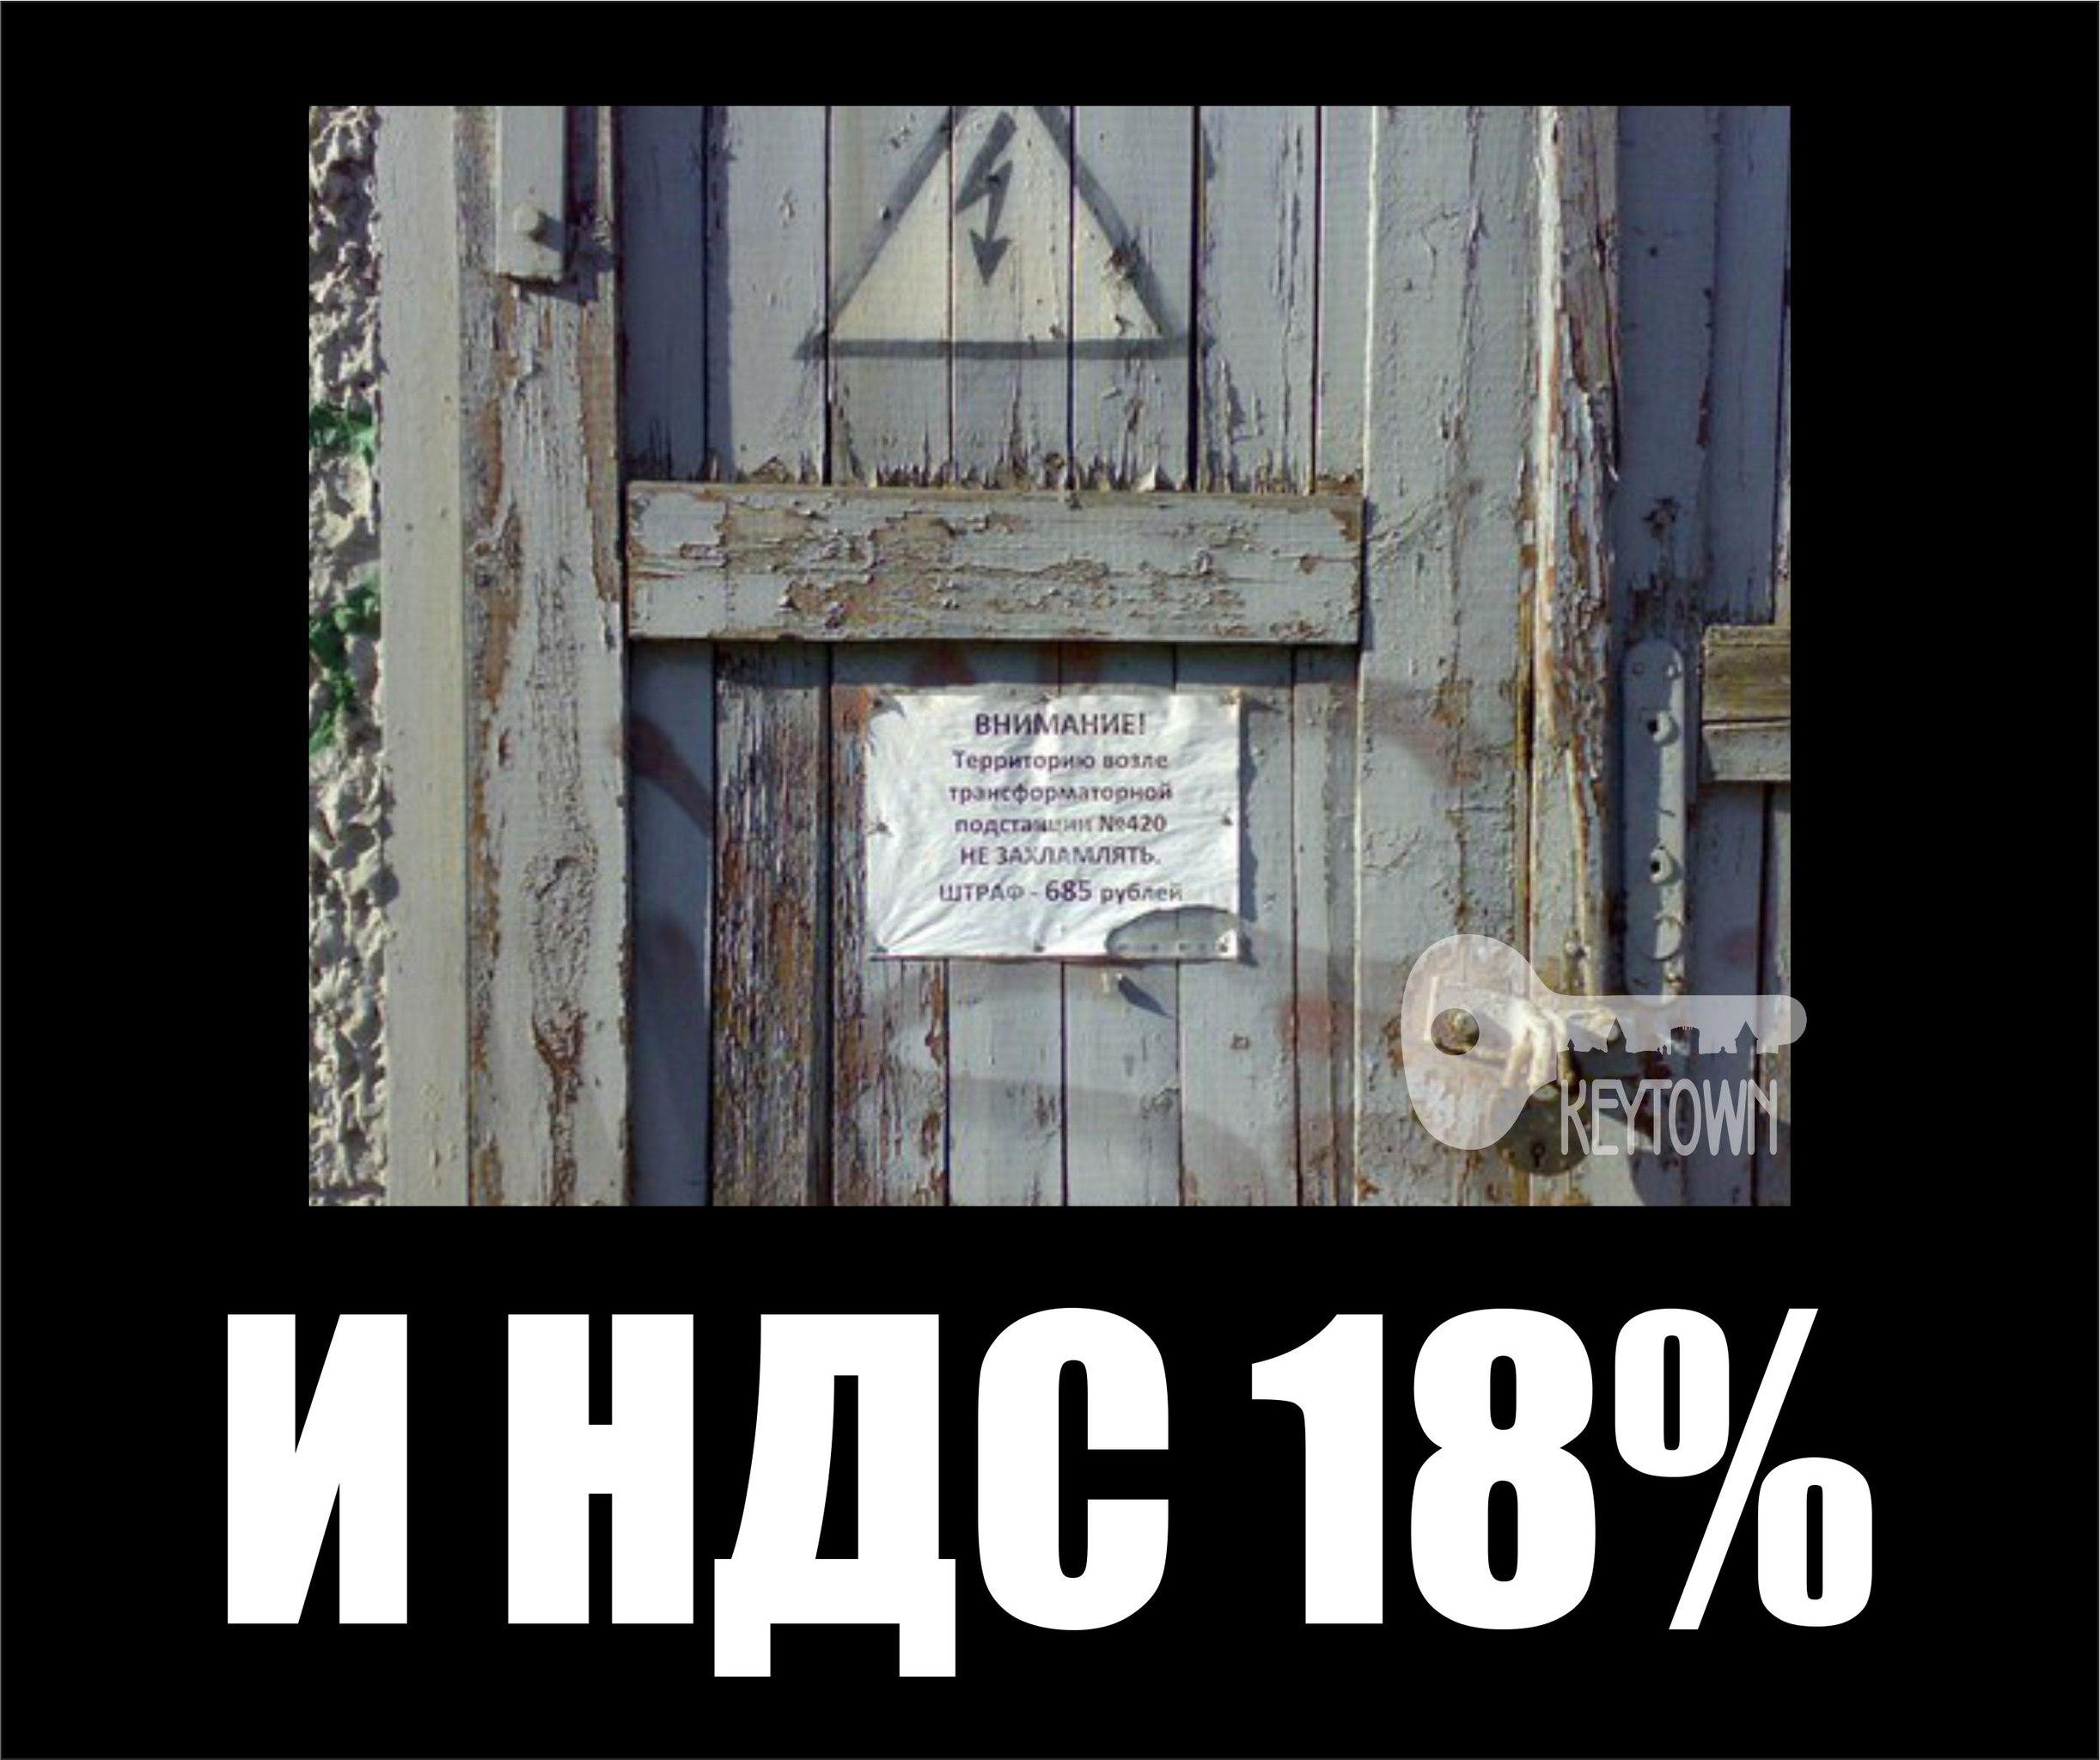 Финале спектакля отзывы зрителей о фильме Пассажиры конце xix века